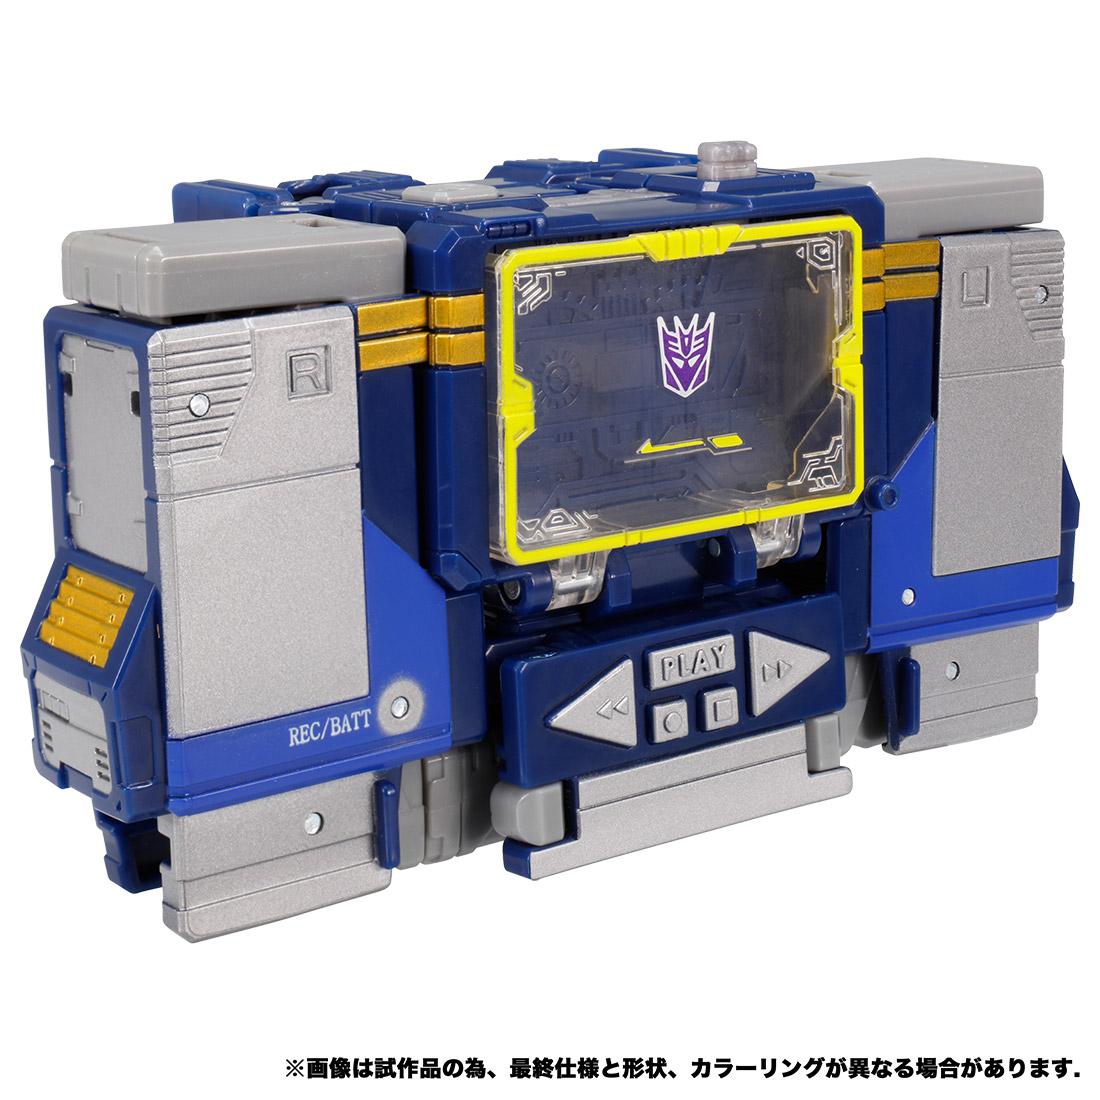 トランスフォーマー ウォーフォーサイバトロン『WFC-14 サウンドウェーブ』可変可動フィギュア-002